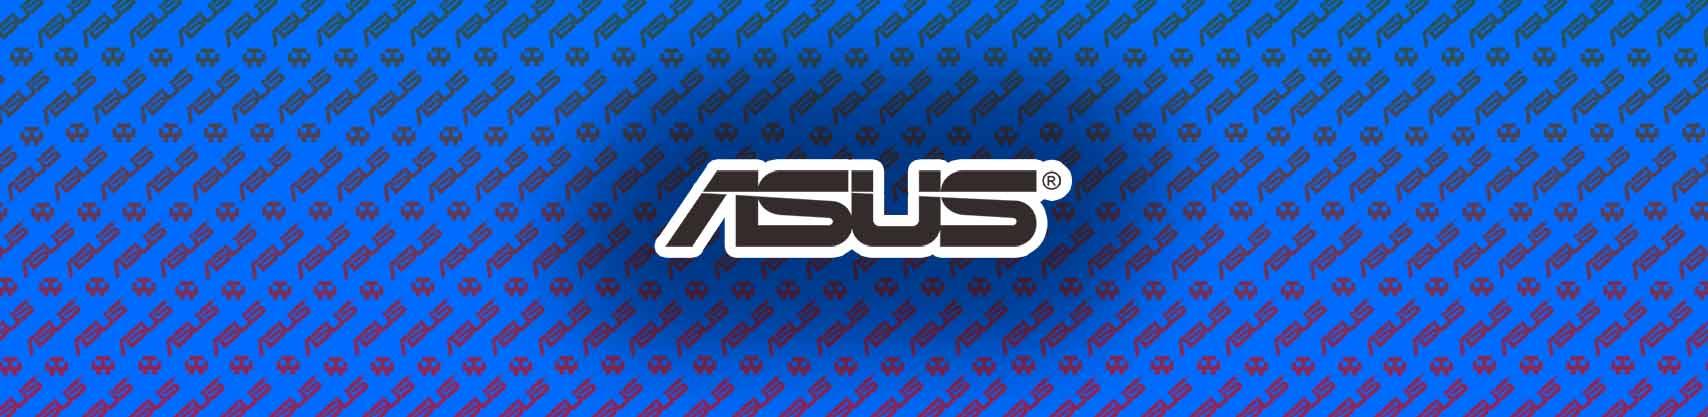 Asus Rampage V Extreme Manual